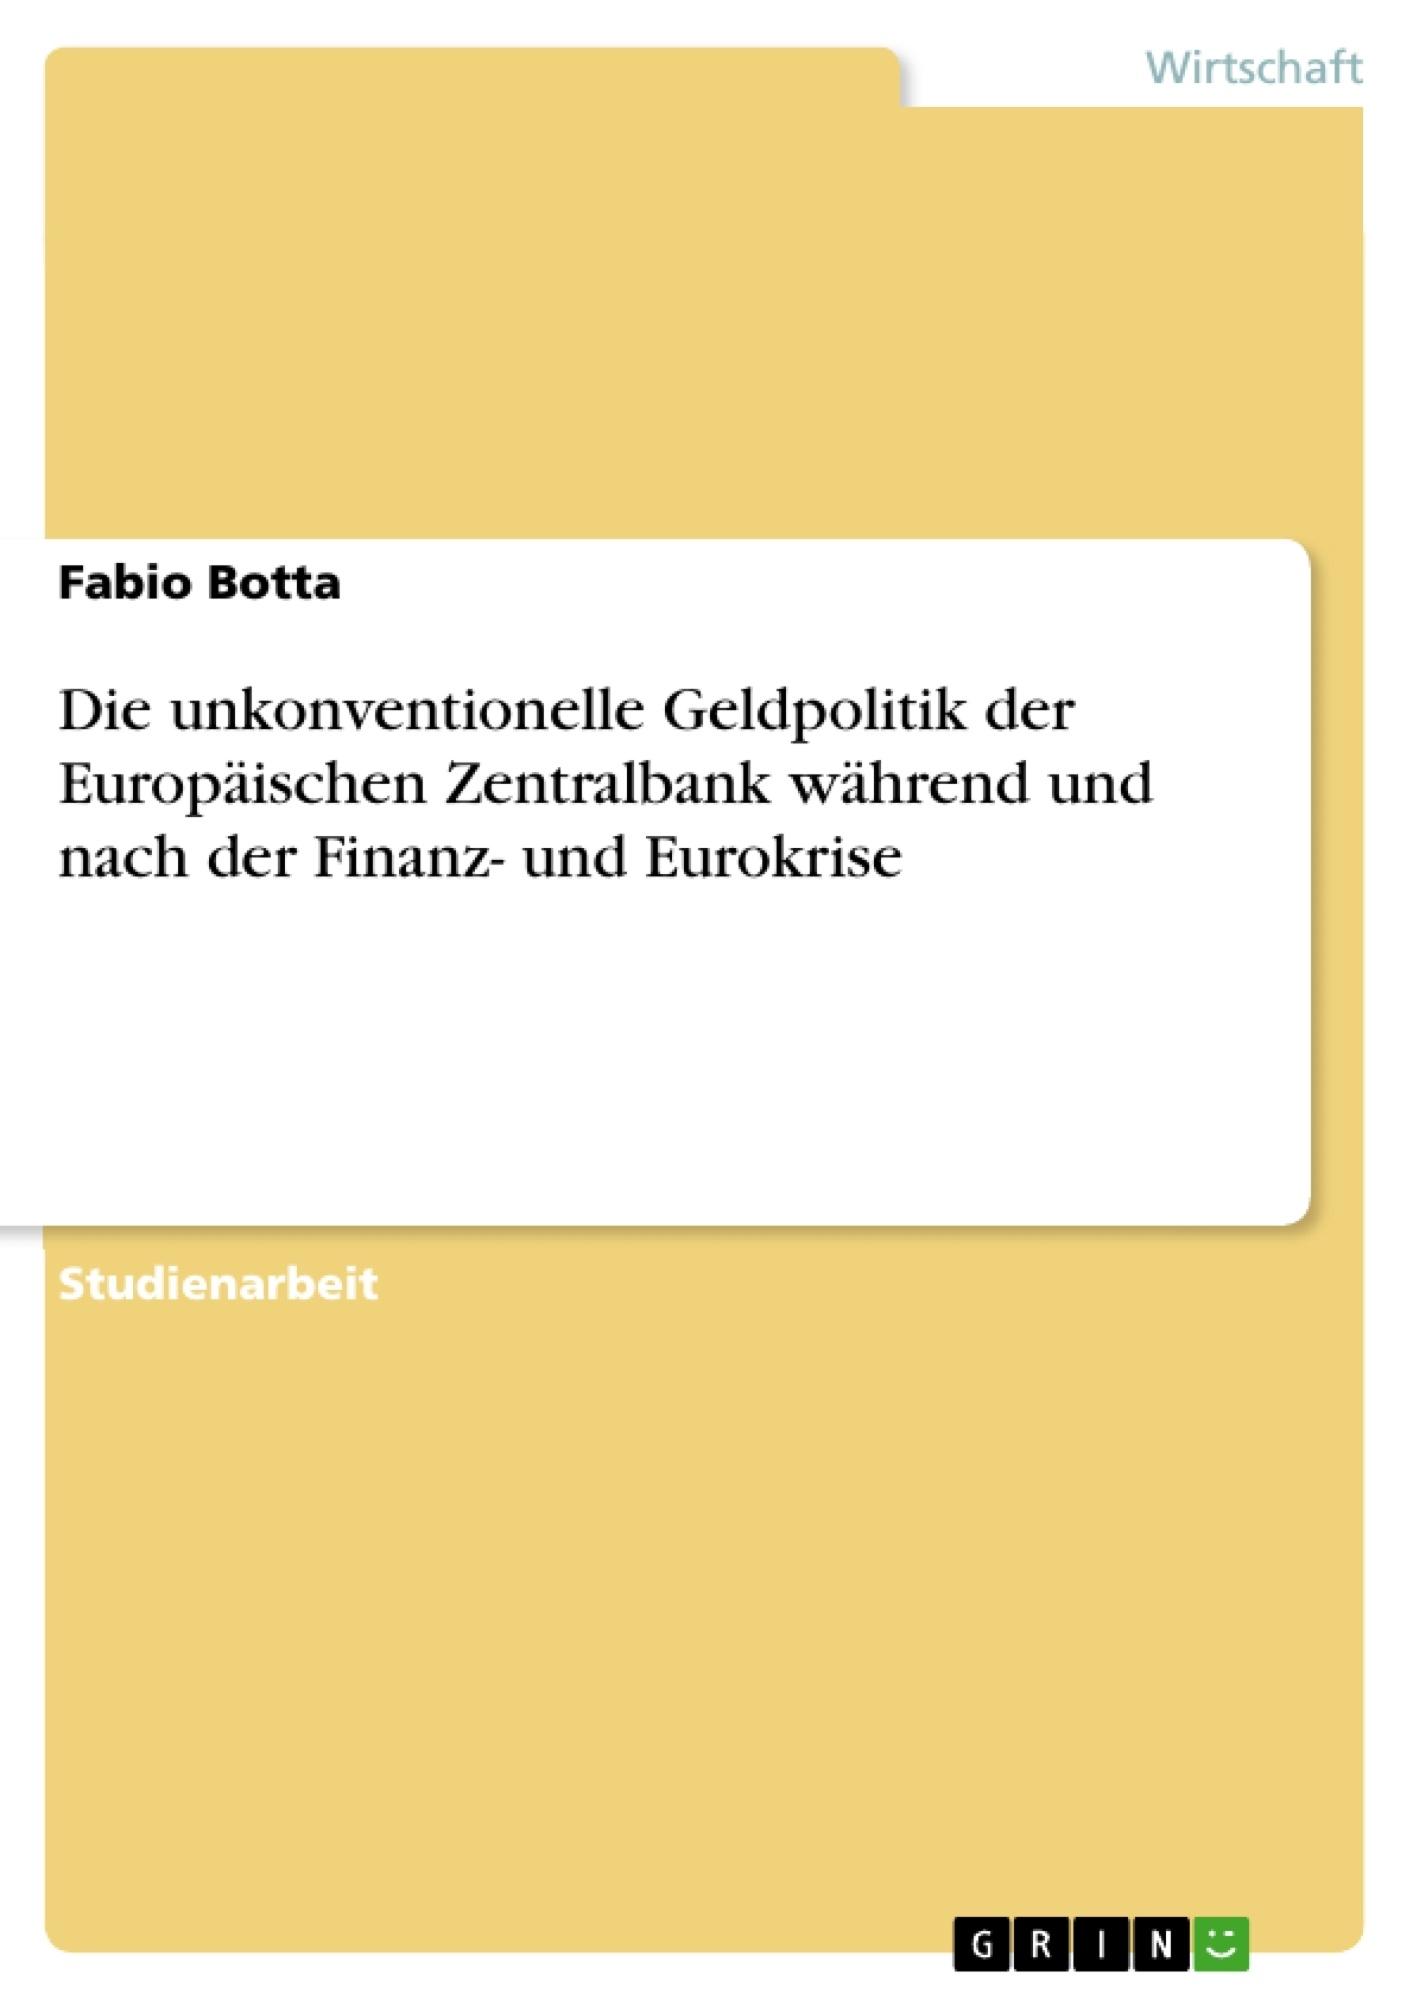 Titel: Die unkonventionelle Geldpolitik der Europäischen Zentralbank während und nach der Finanz- und Eurokrise